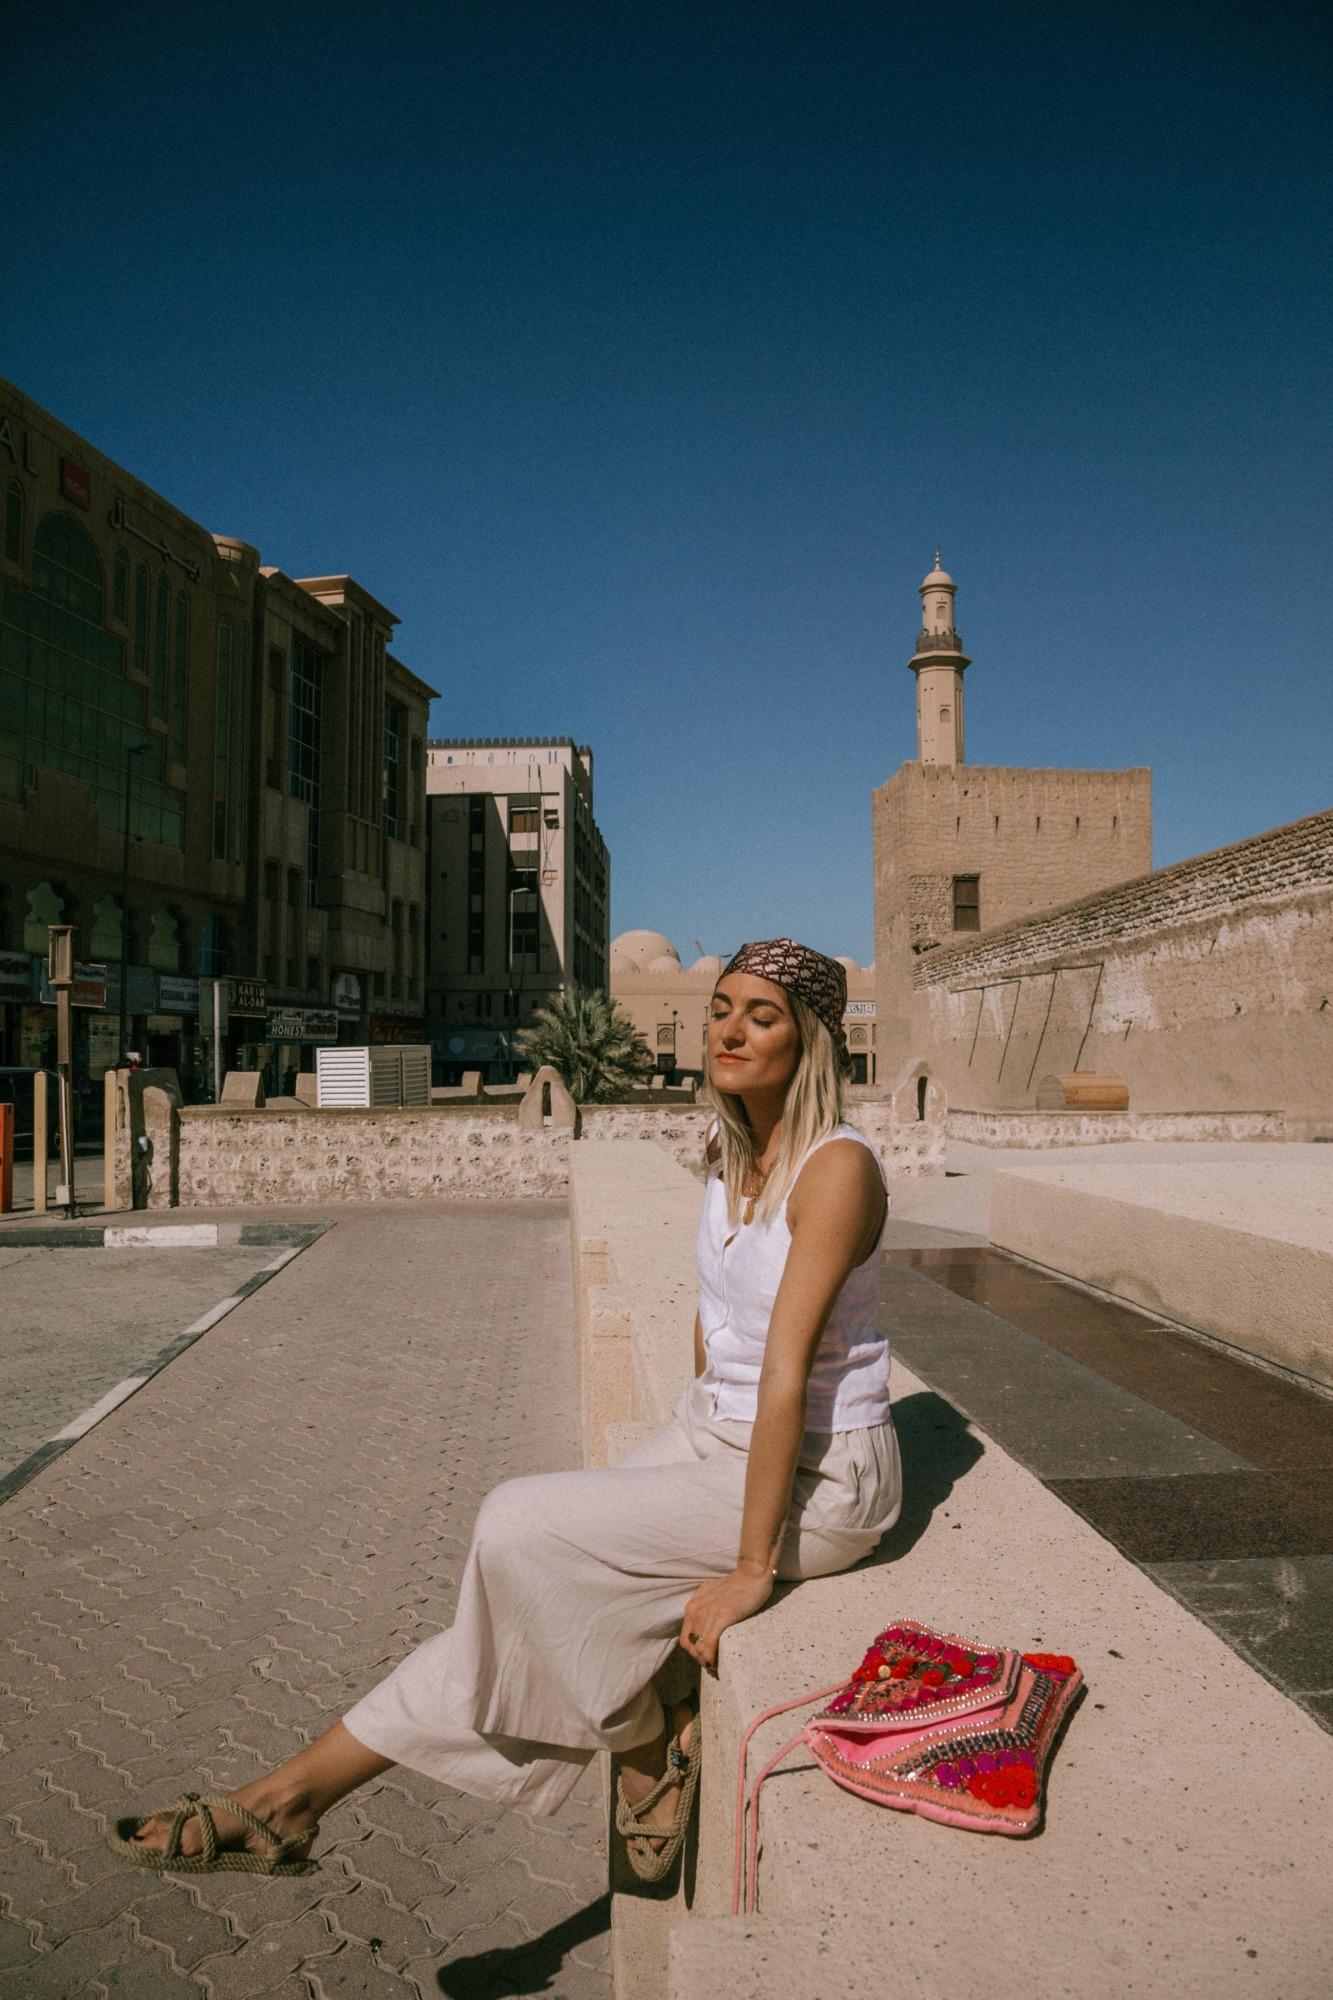 Visiter le vieux Dubaï - Blondie Baby blog voyages